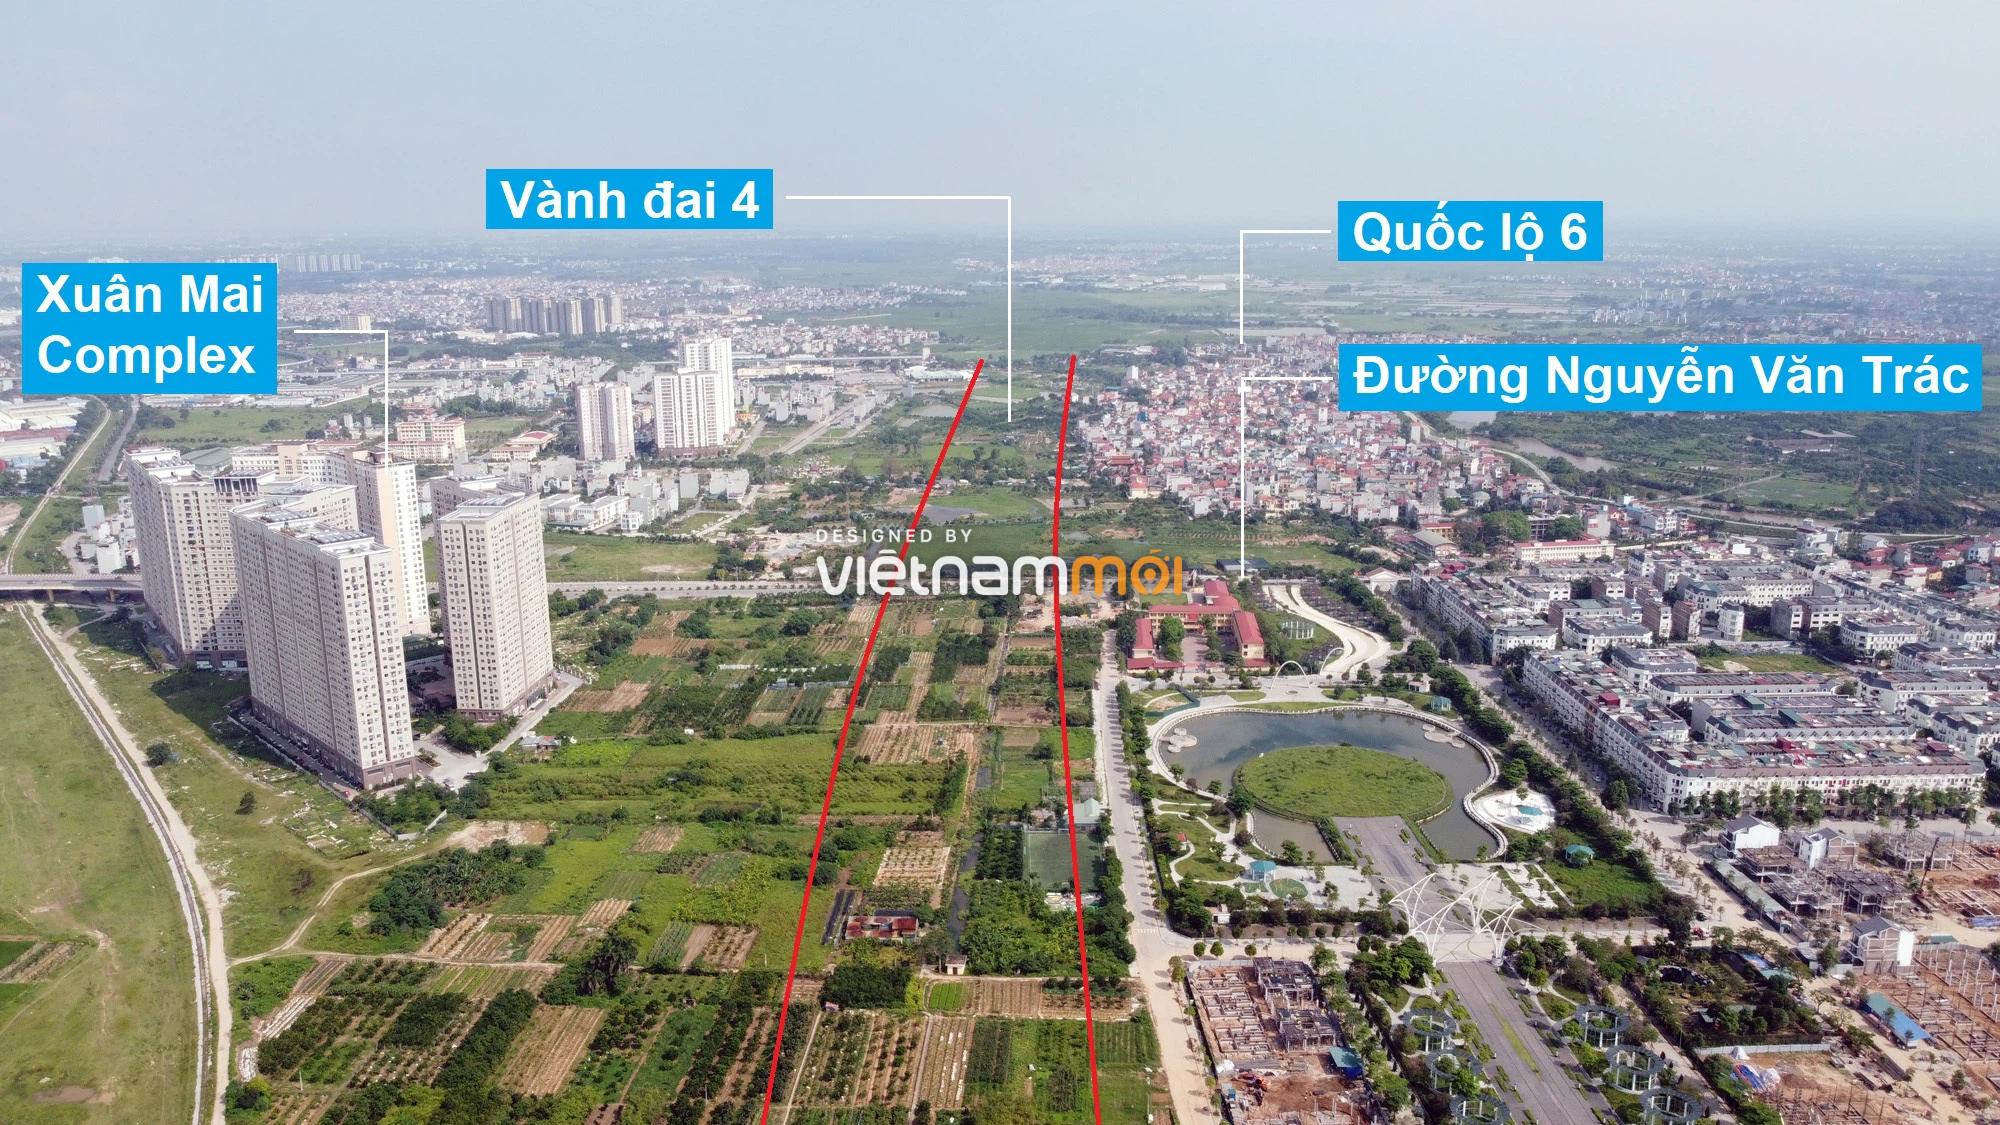 Quy mô 'siêu dự án' Vành đai 4 - Vùng Thủ đô Hà Nội vẫn đang nghiên cứu - Ảnh 1.